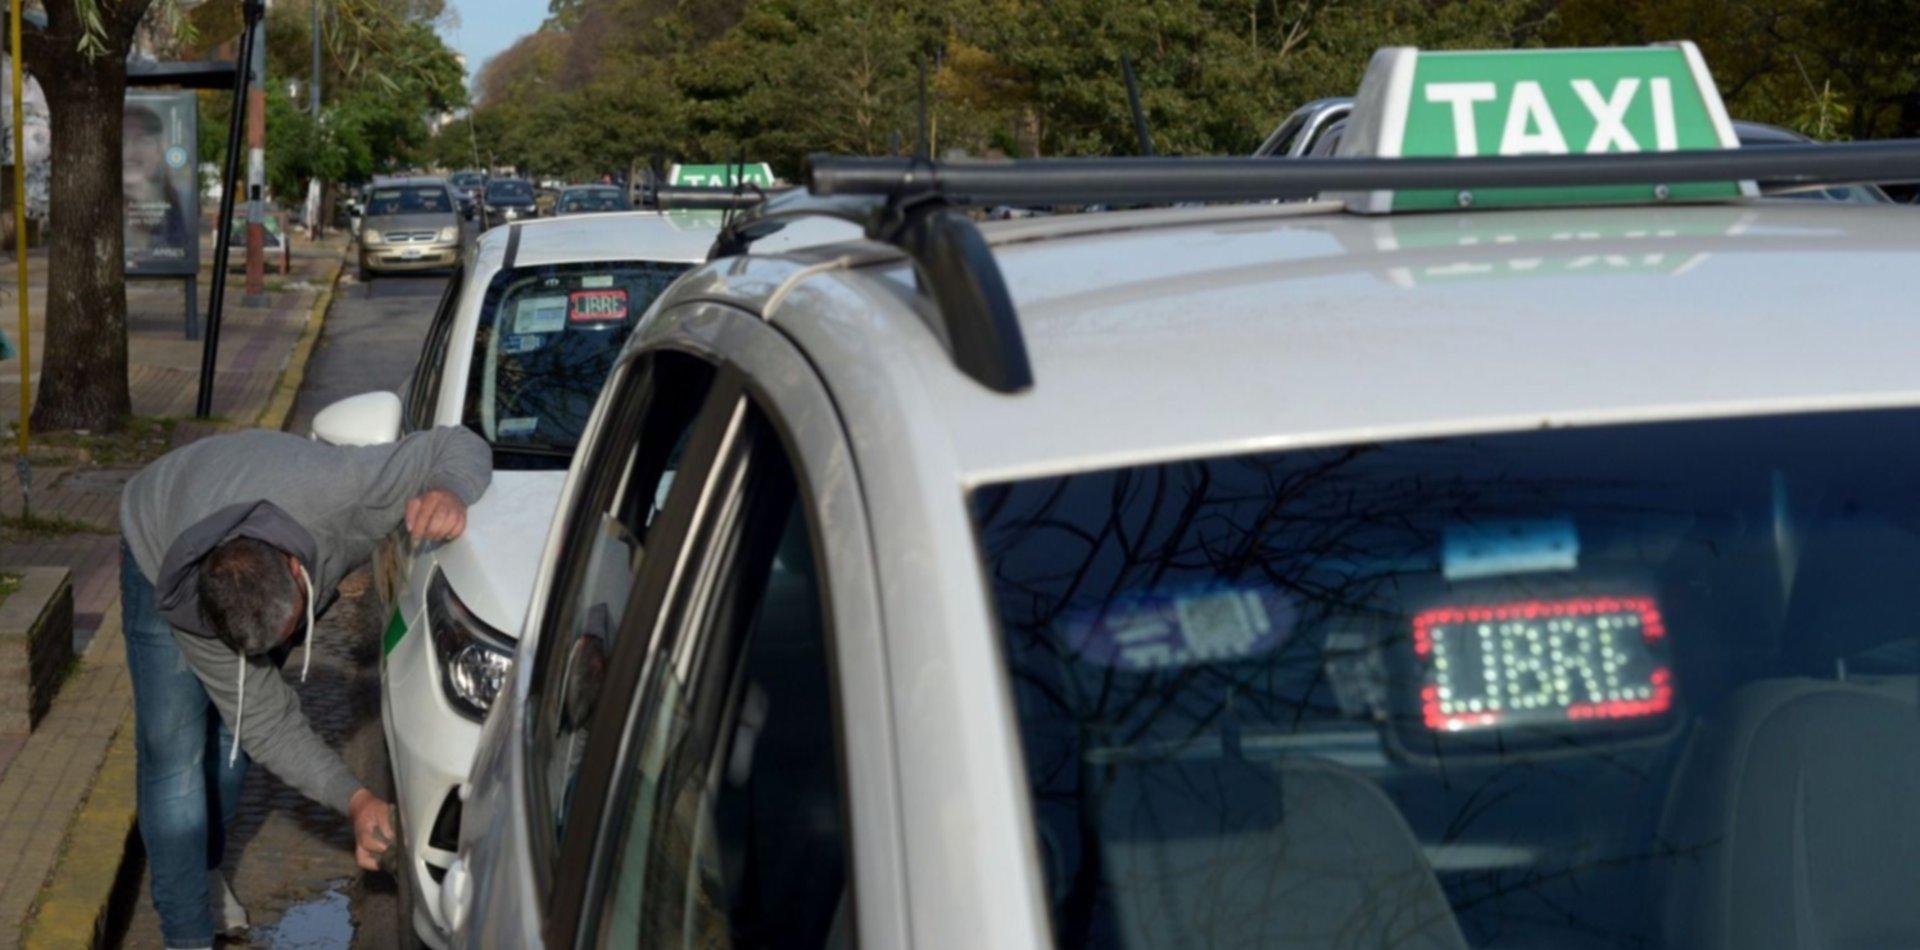 Grave denuncia contra el chofer de una compañía de taxis por desviarse de camino